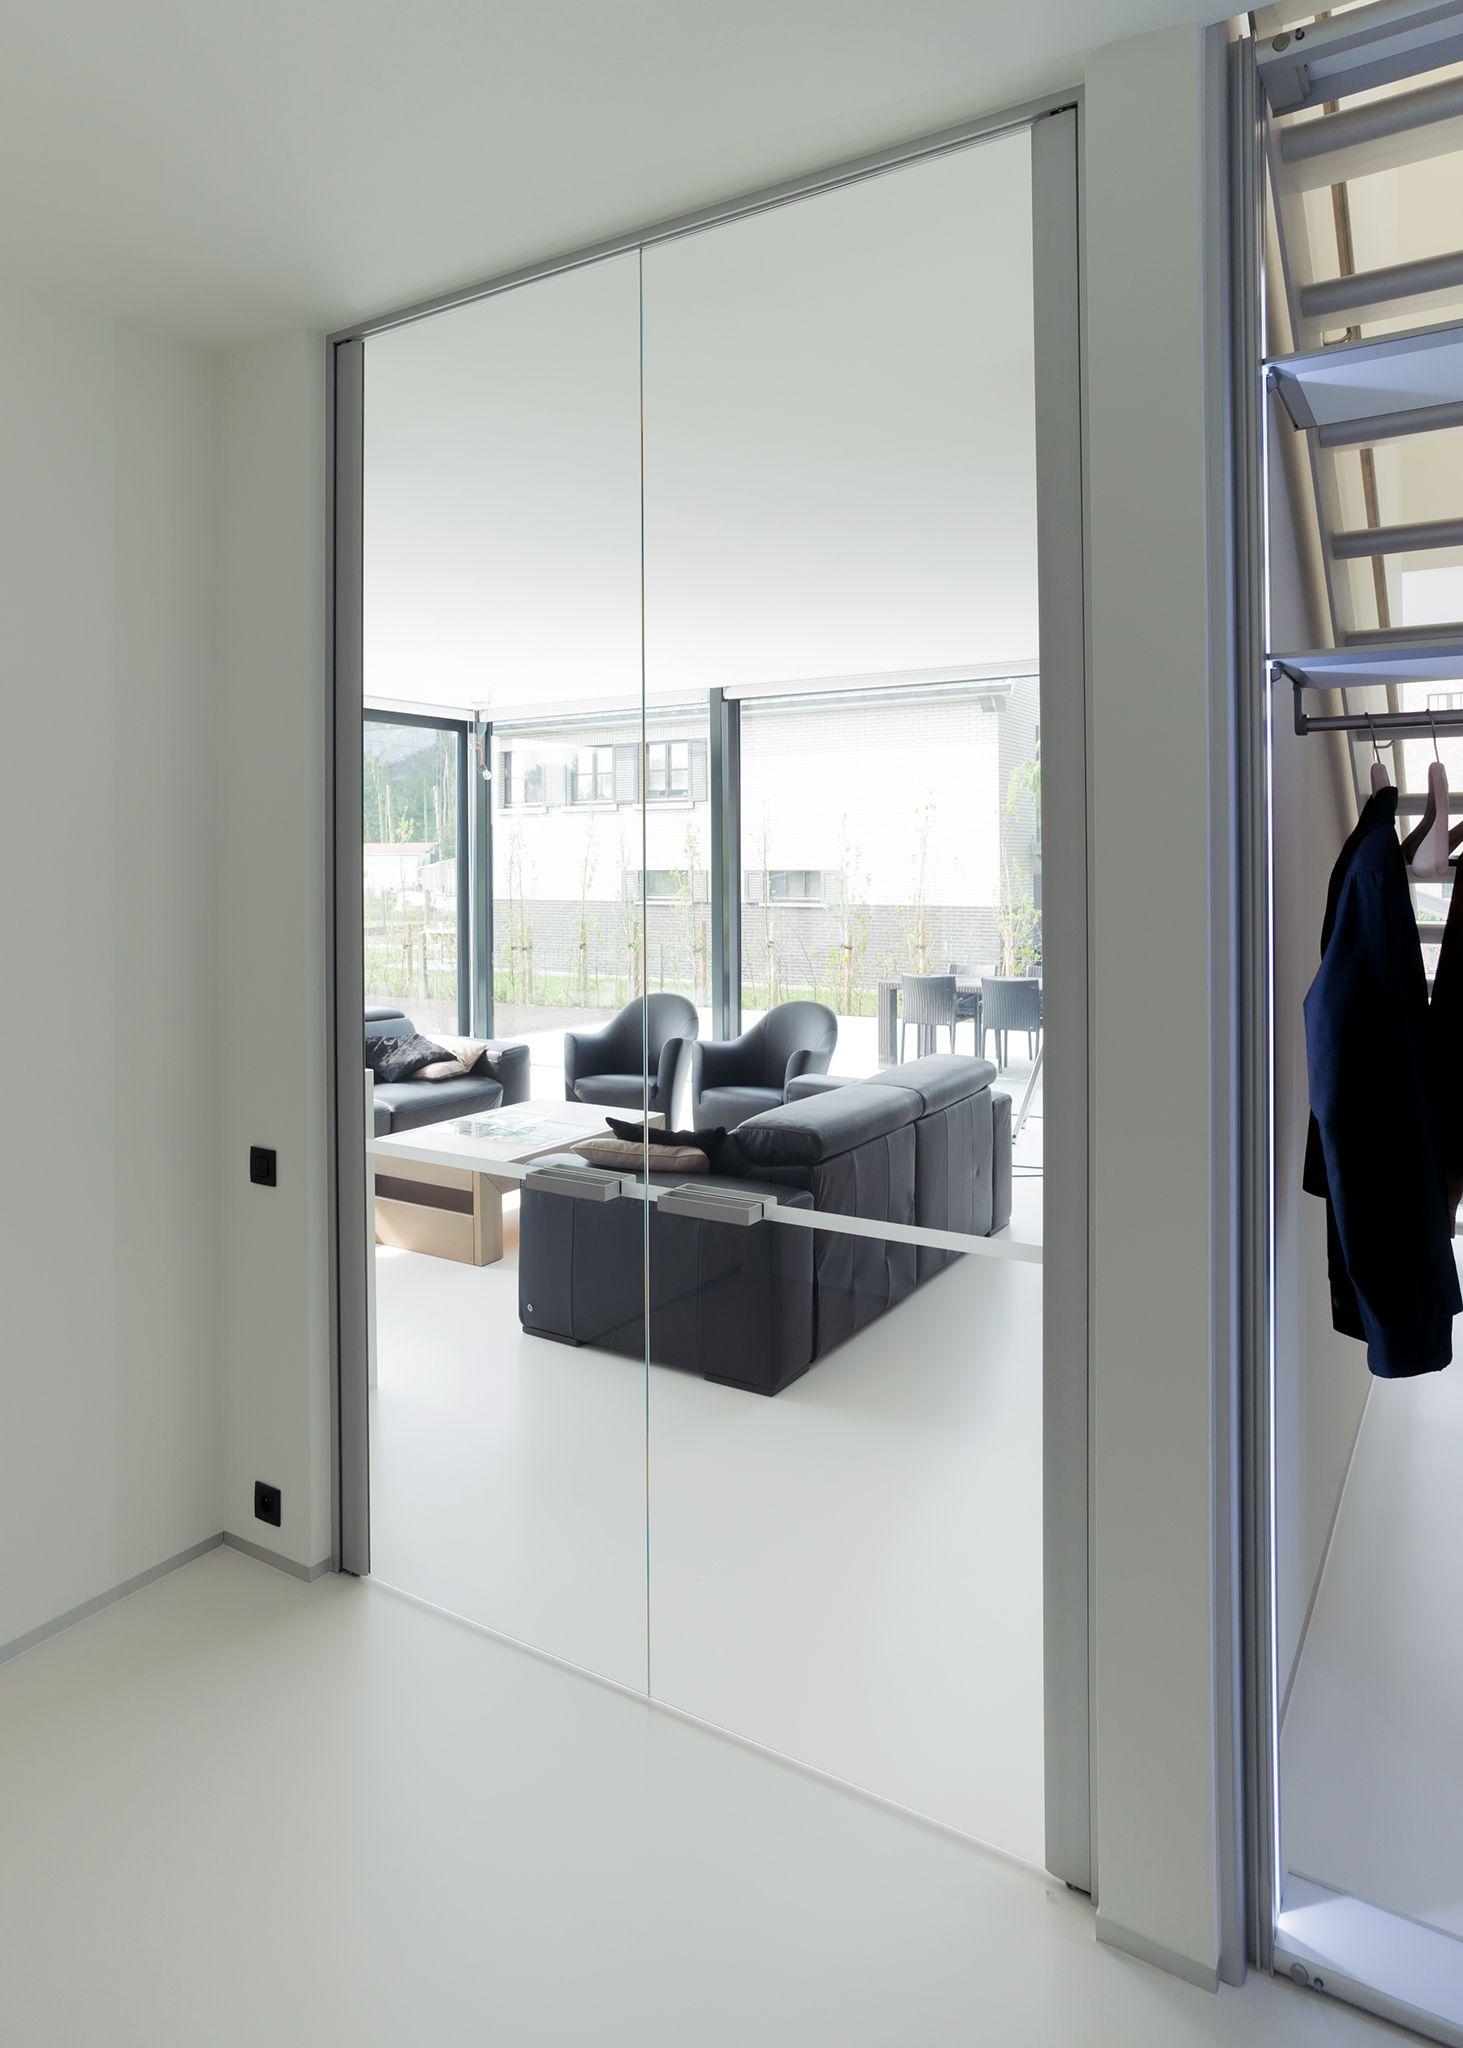 Dubbele glazen deur tussen inkom en woonkamer  Frameless